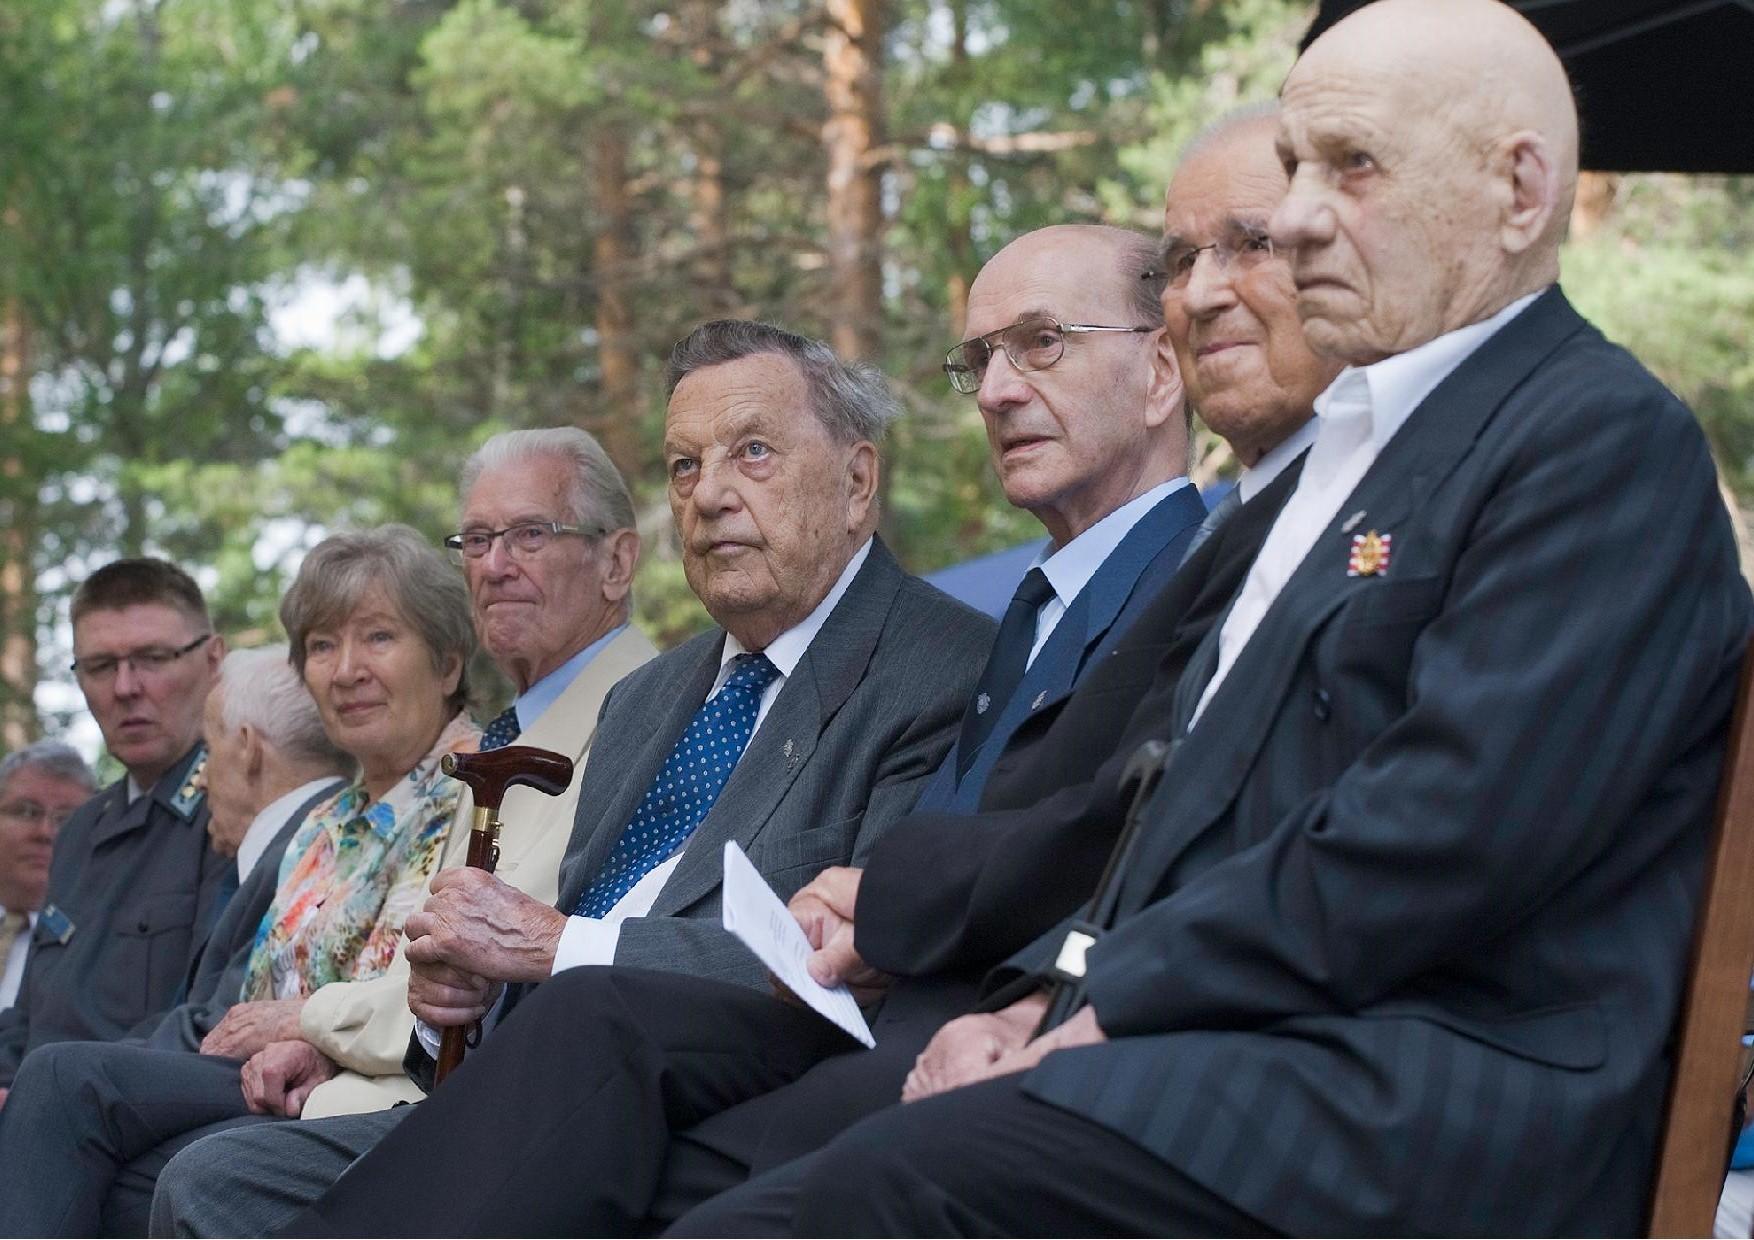 Paavo Salmensuu osallistui Lieksan Rukajärvi-keskuksen avajaisiin 2.7.2013. Vasemmalta mm. veteraanit Aulis Lintunen, Jaakko Valtanen, Ermei Kanninen, Paavo Salmensuu, Olvi Tiittanen ja Kalle Sutinen.